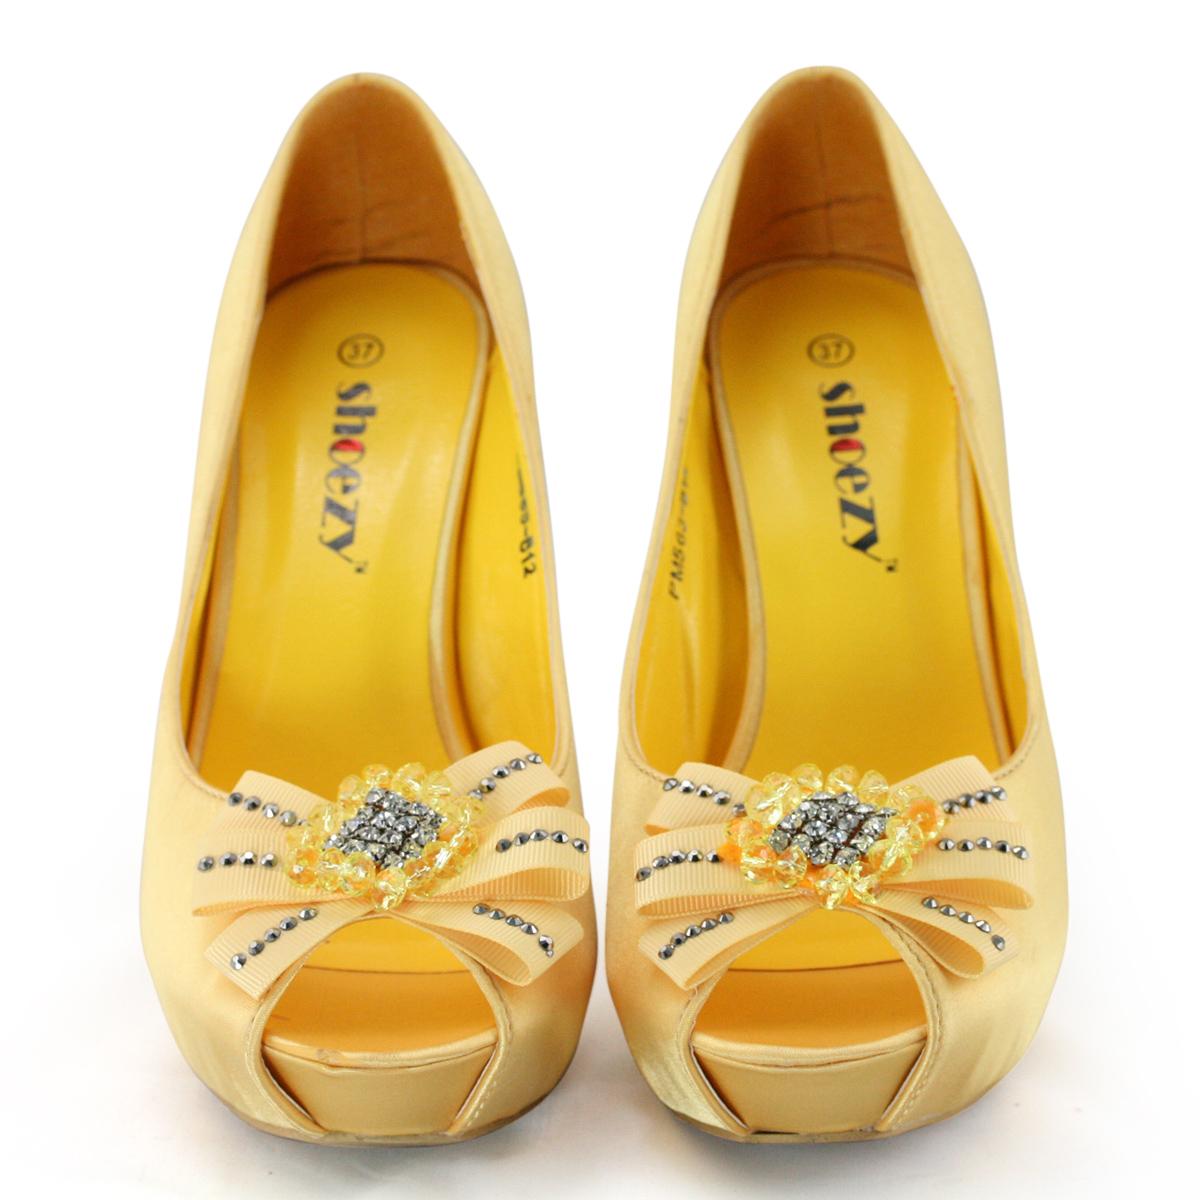 Images of Yellow Wedding Shoes - Weddings Pro